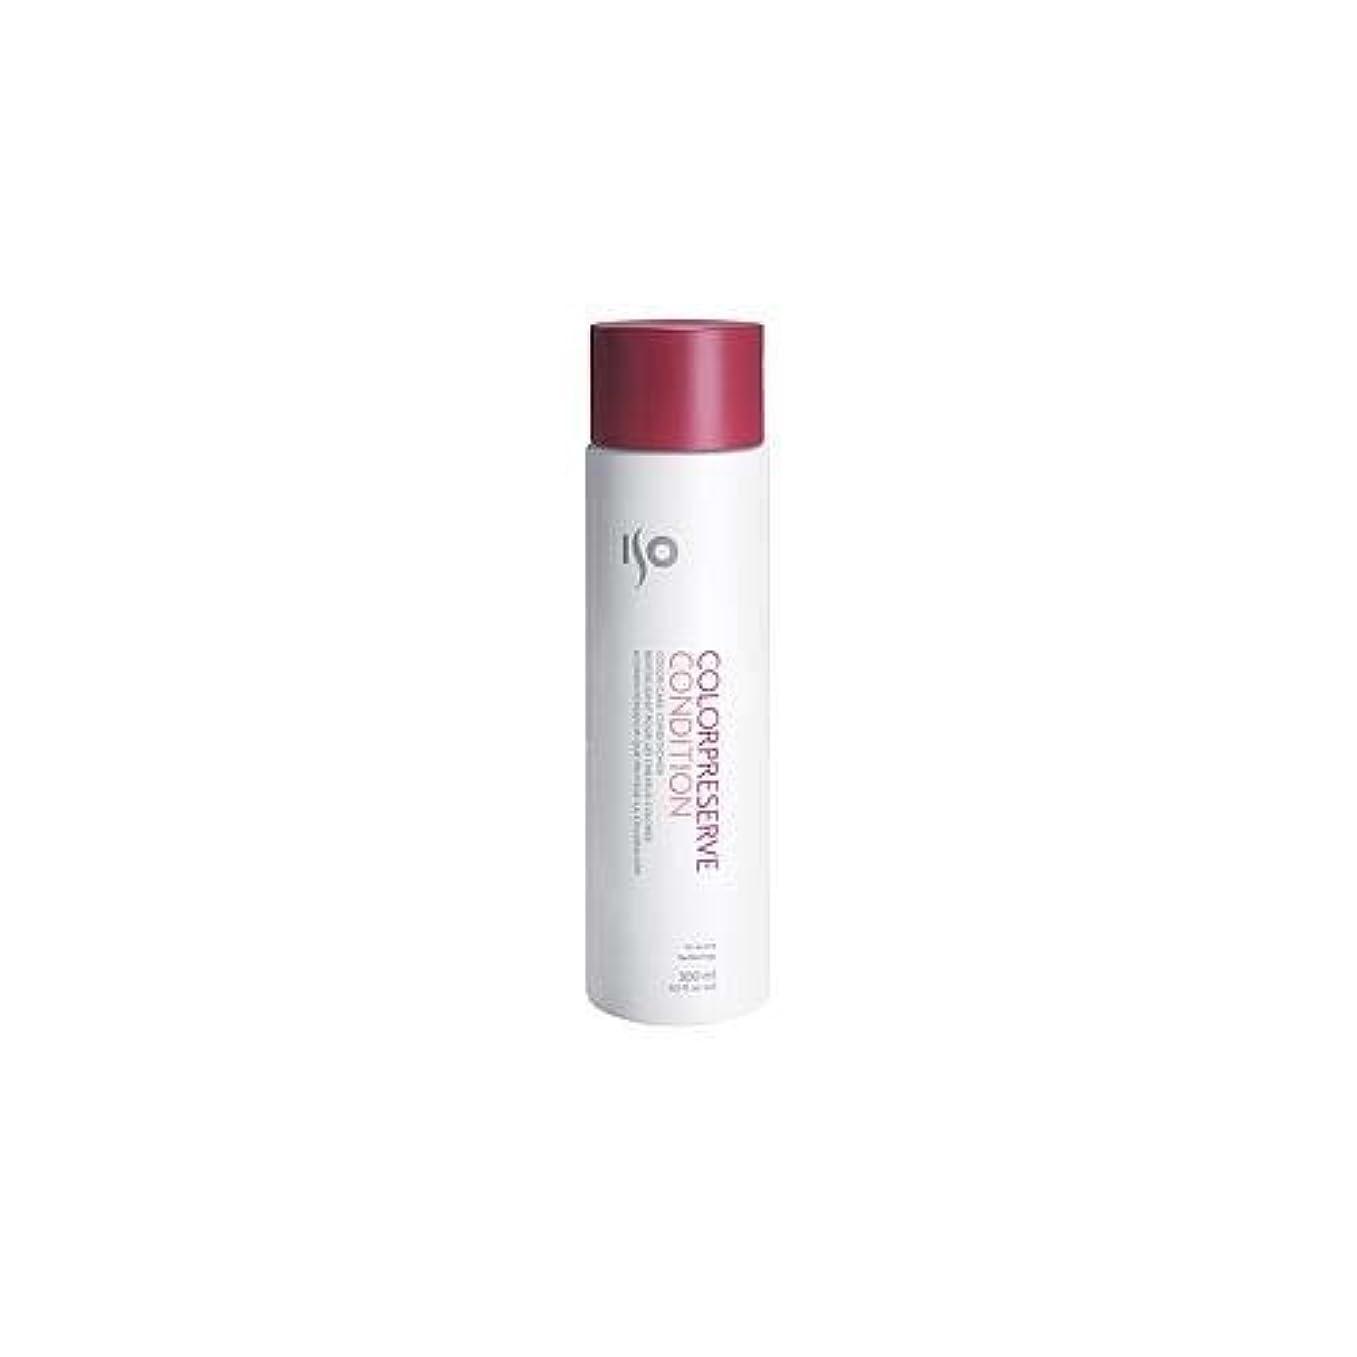 成長反応する現象カラープリサーブカラーヘア用コンディショナー 1lt (並行輸入品)